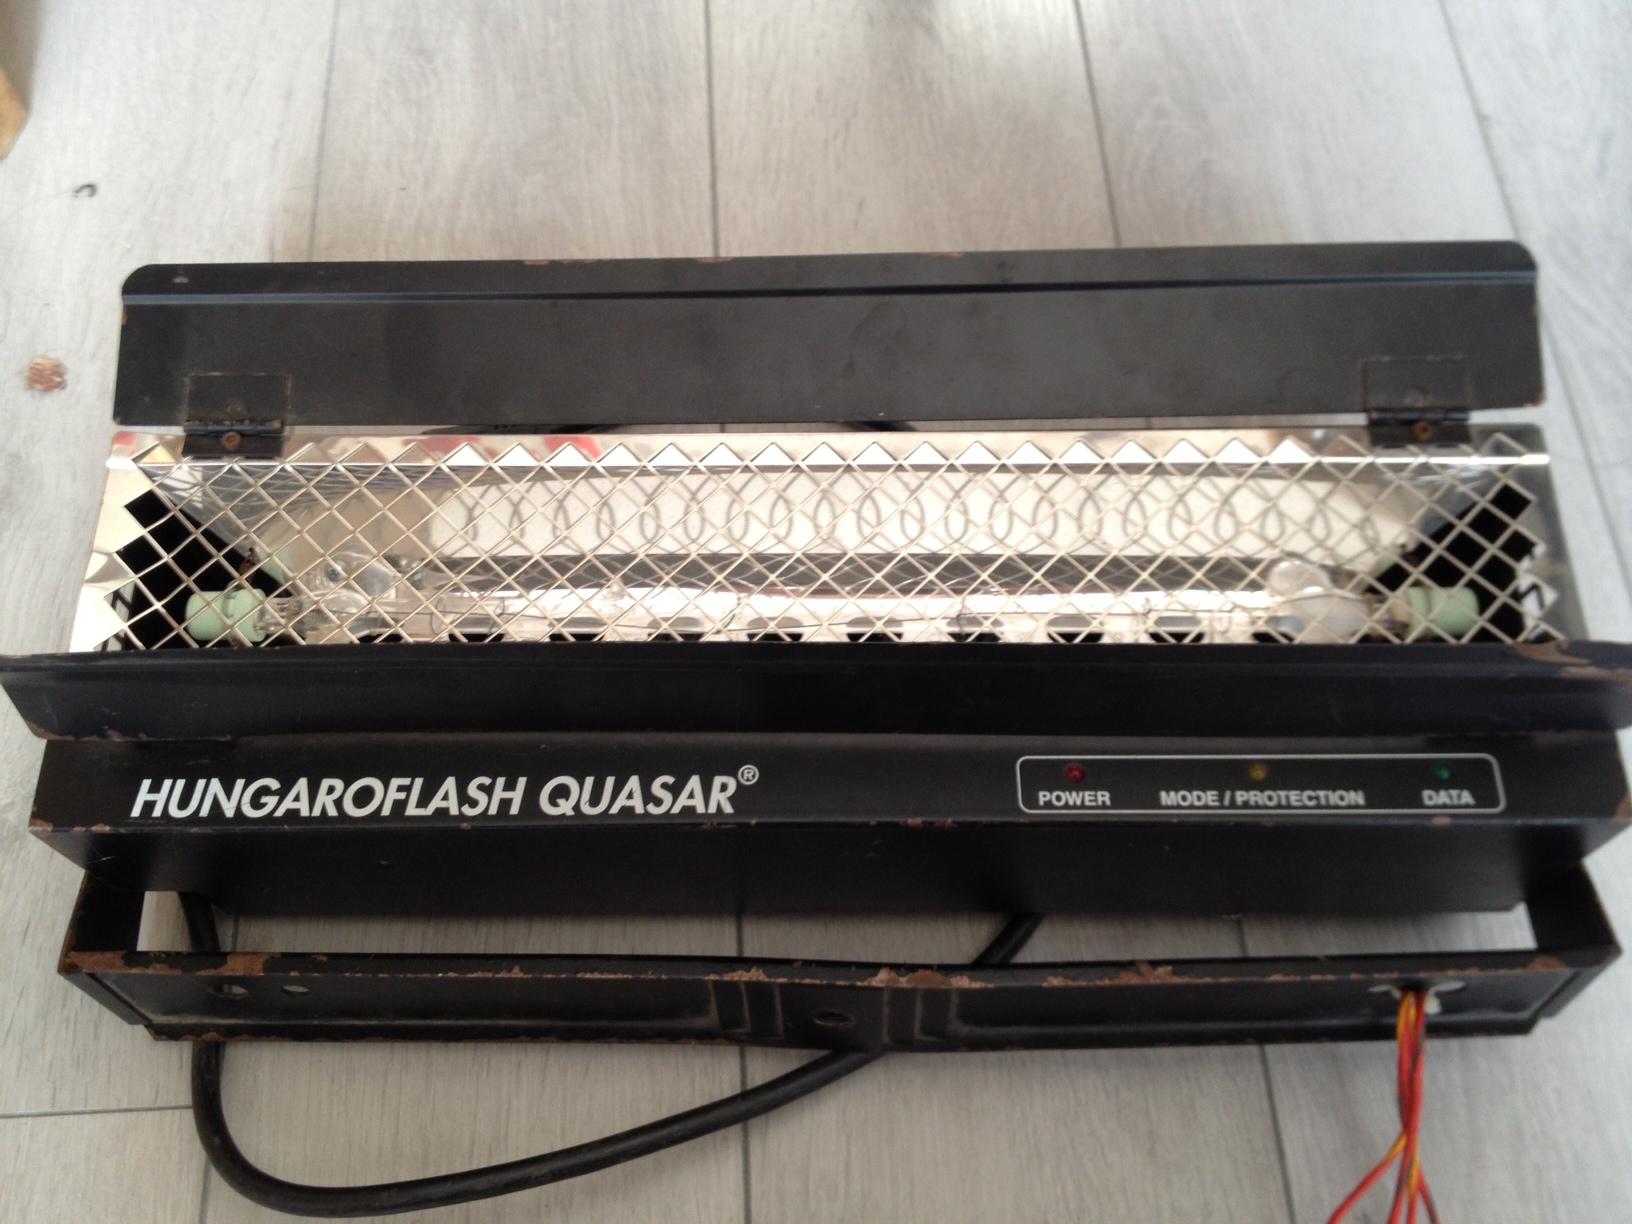 Hungaroflash Quasar